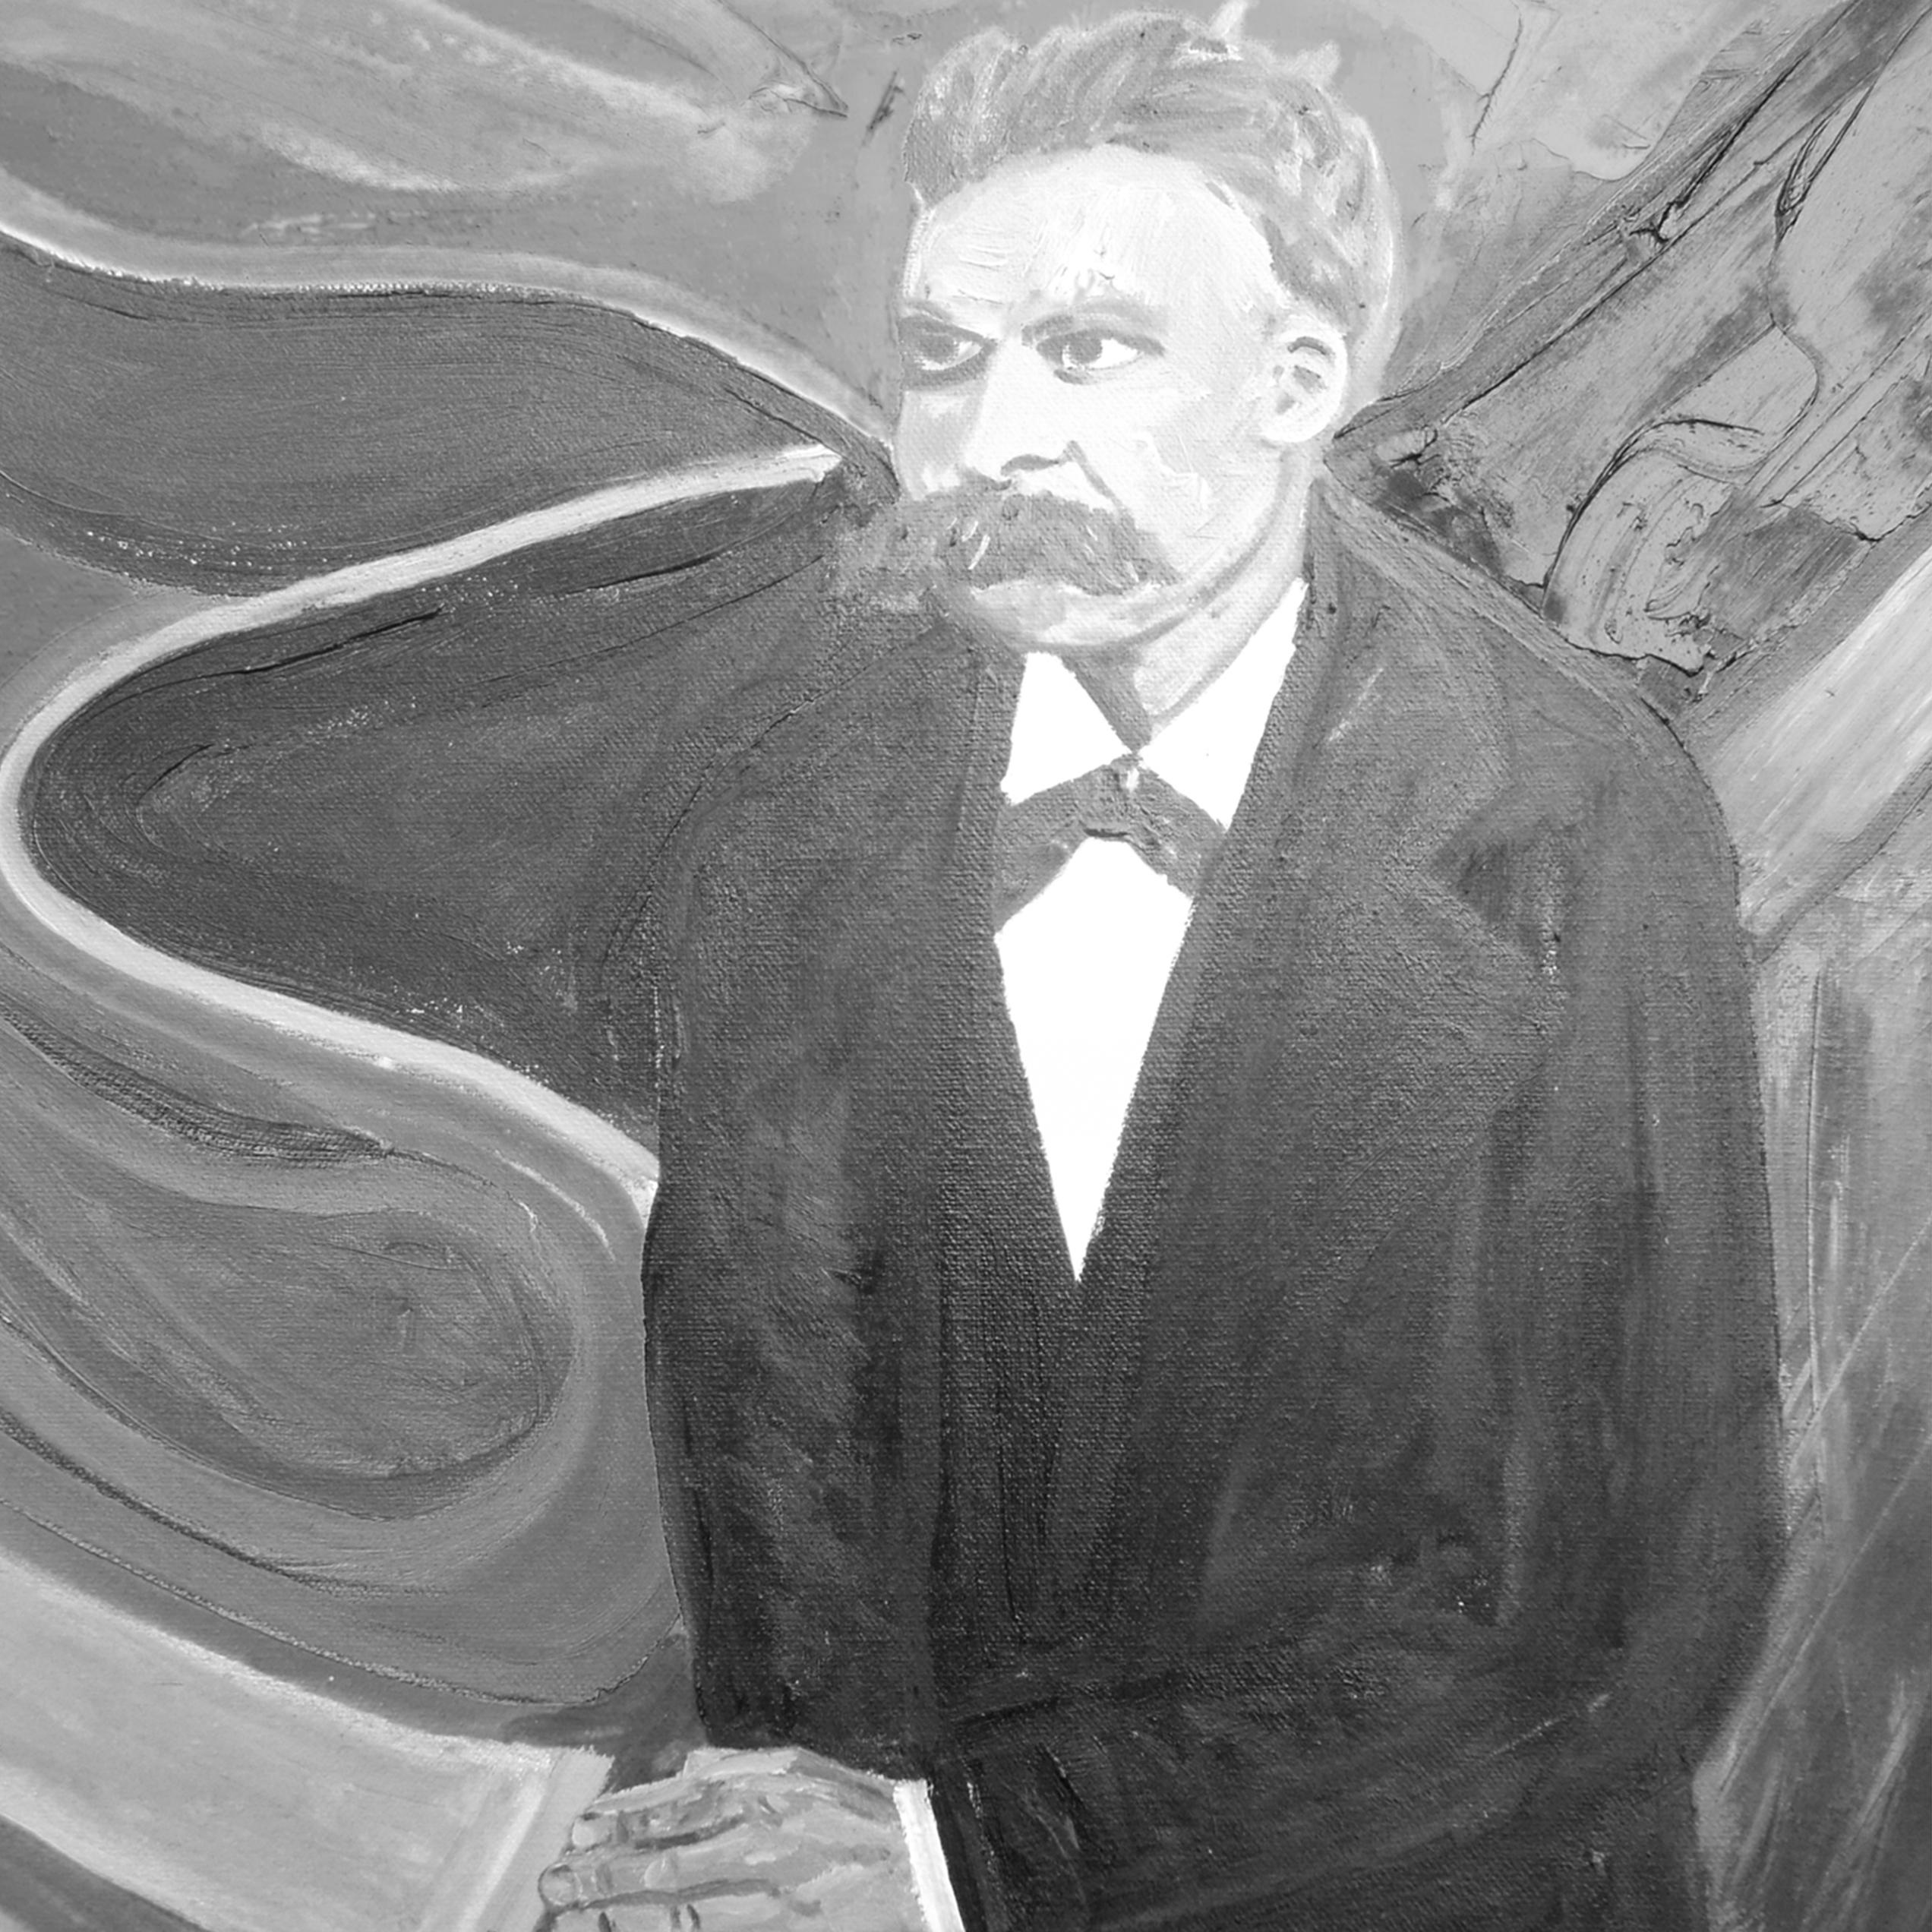 Finding Nietzsche